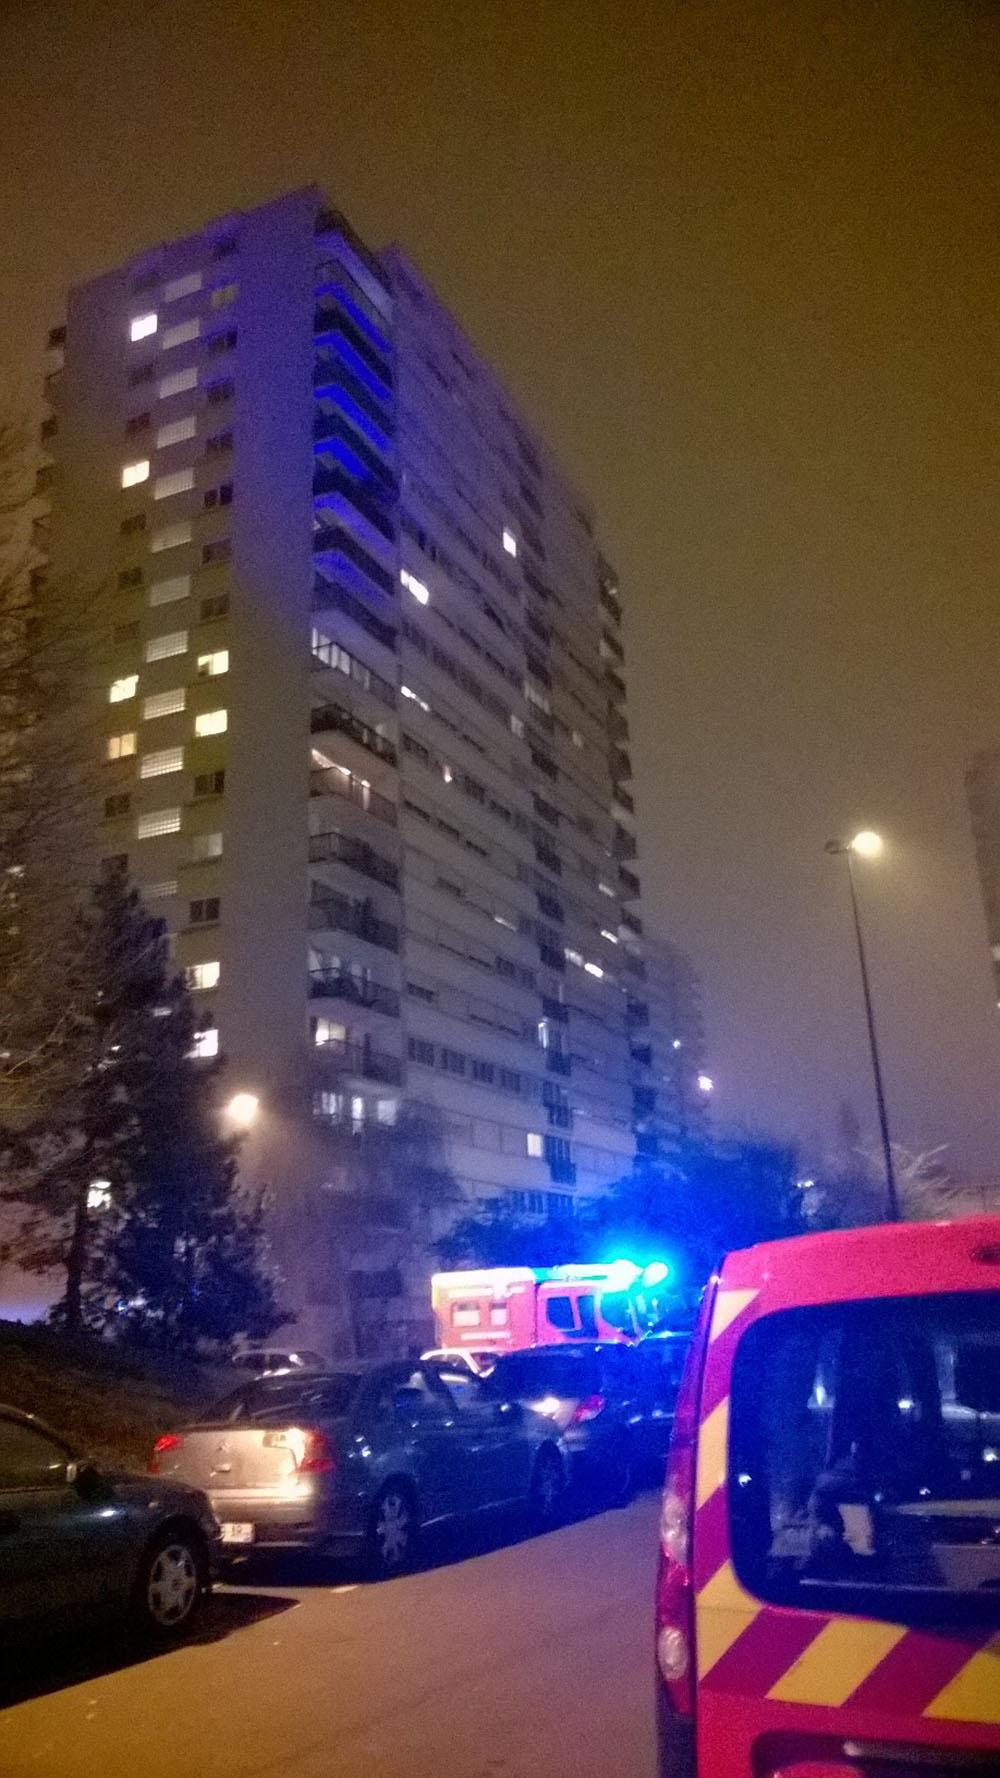 Incendie meurtrier à Fontenay-sous-Bois: la mère soupçonnée d'un double infanticide